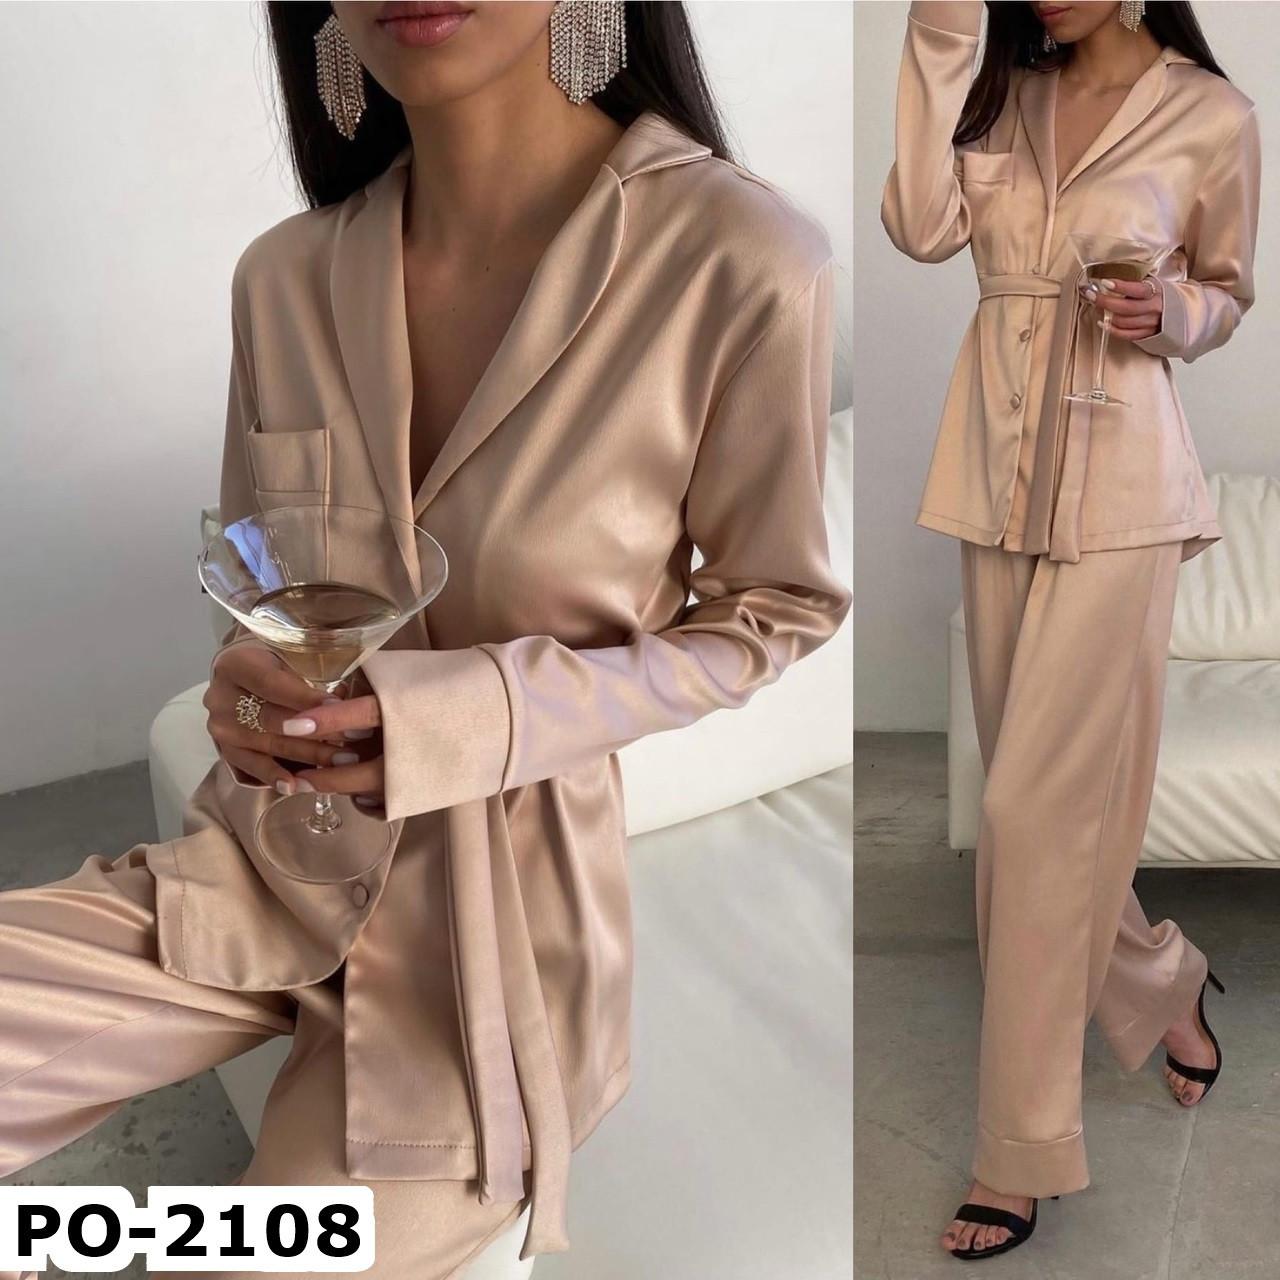 Женская стильная шелкова пижама СМ +большие размеры 3 цвета